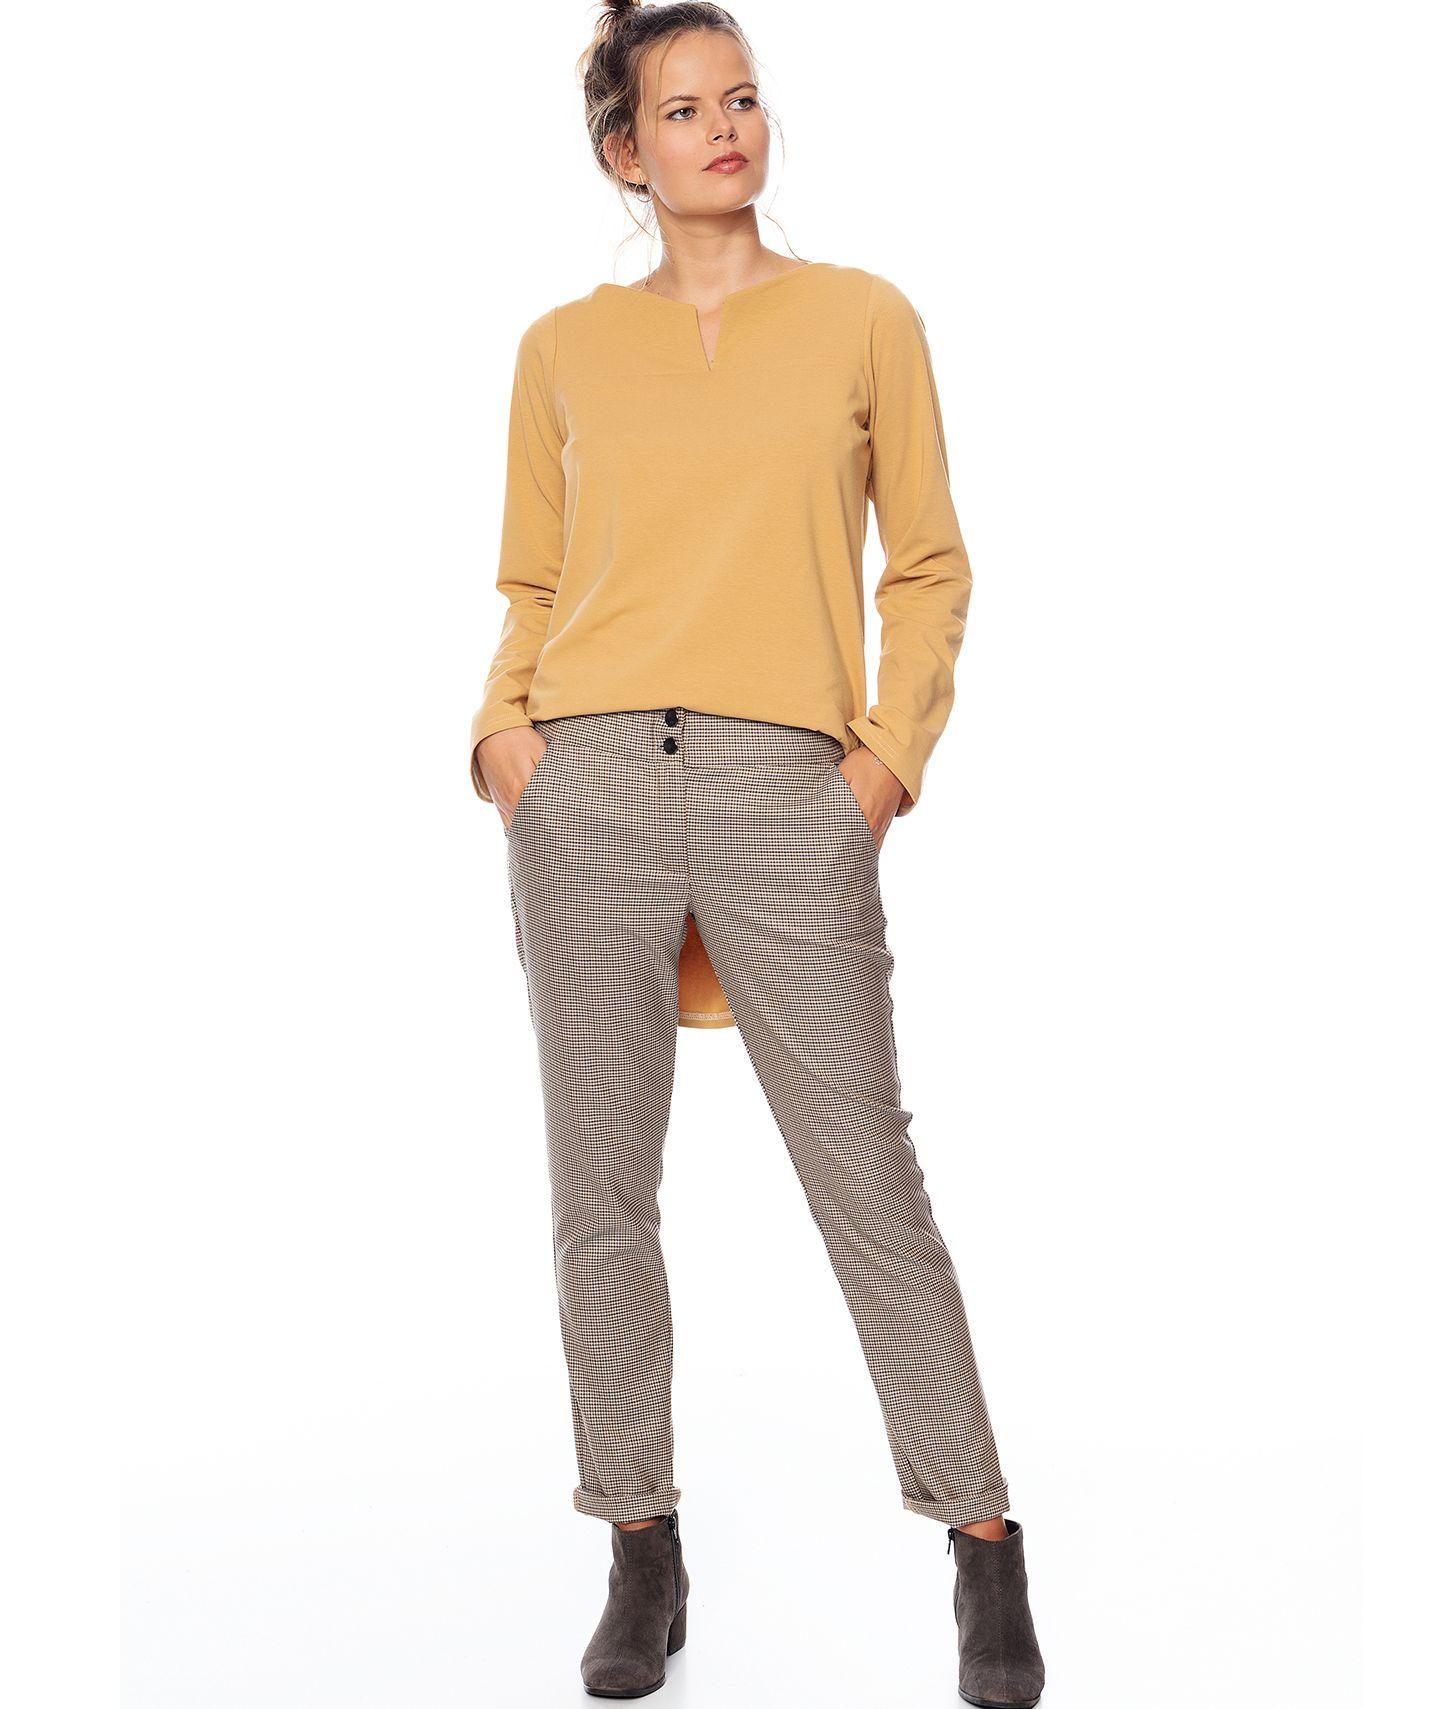 spodnie ELITE